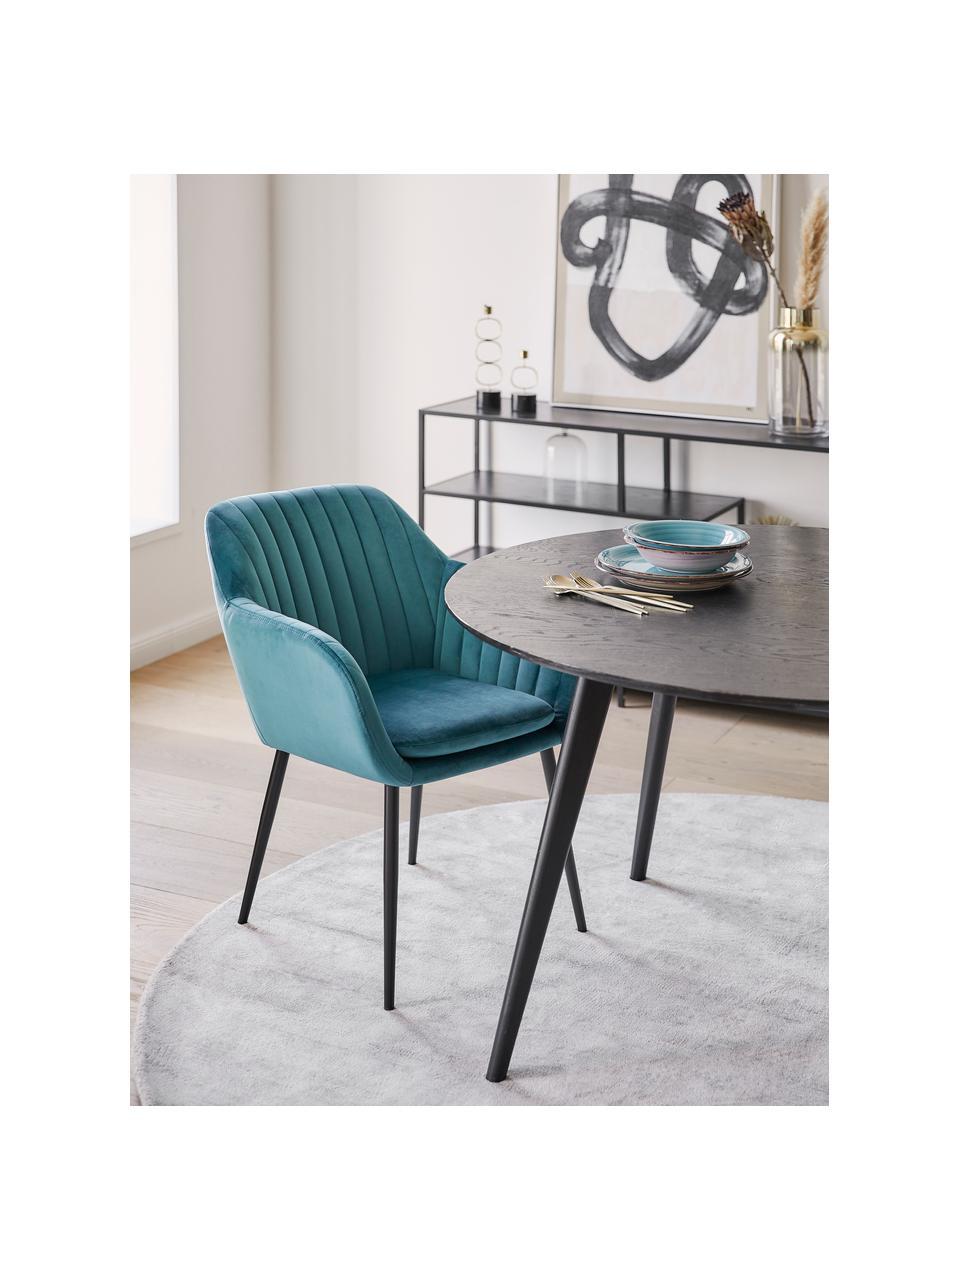 Sametová židle spodručkami a kovovými nohami Emilia, Láhvově zelená Nohy: černá